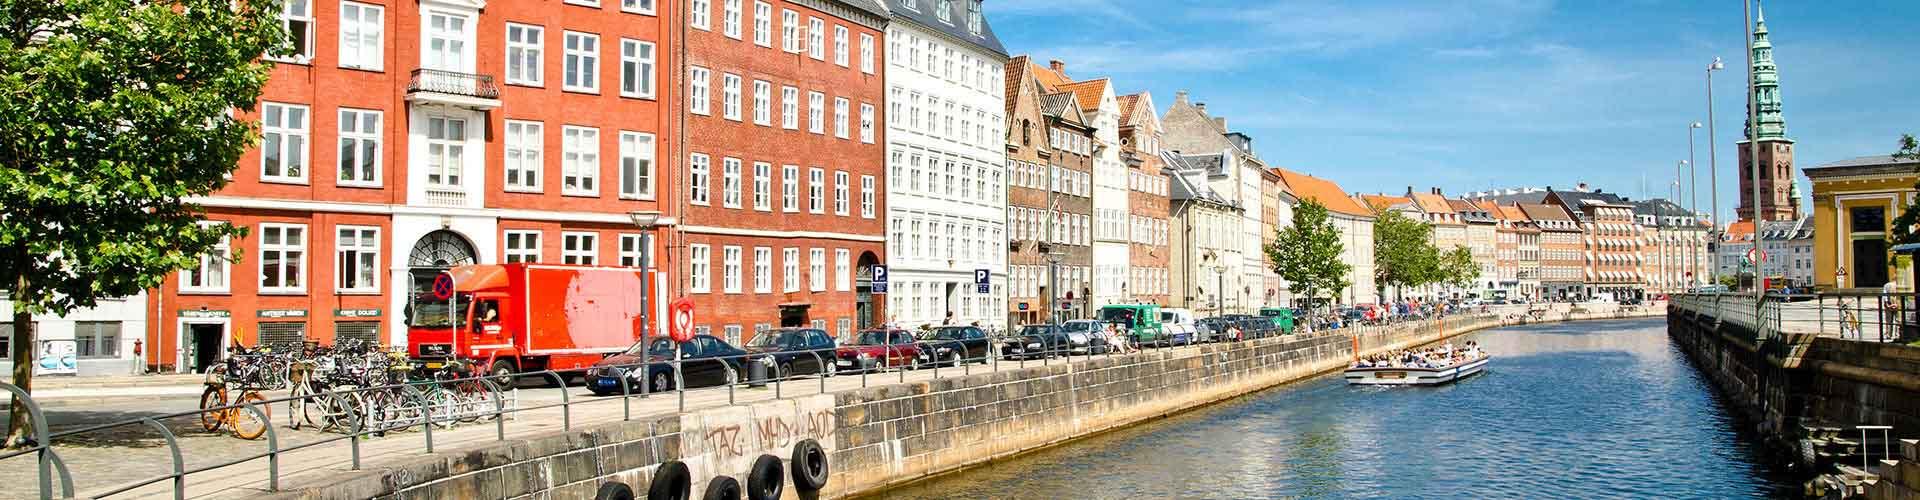 Copenhague - Chambres pas chères dans le quartier de Indre By. Cartes pour Copenhague, photos et commentaires pour chaque chambre à Copenhague.